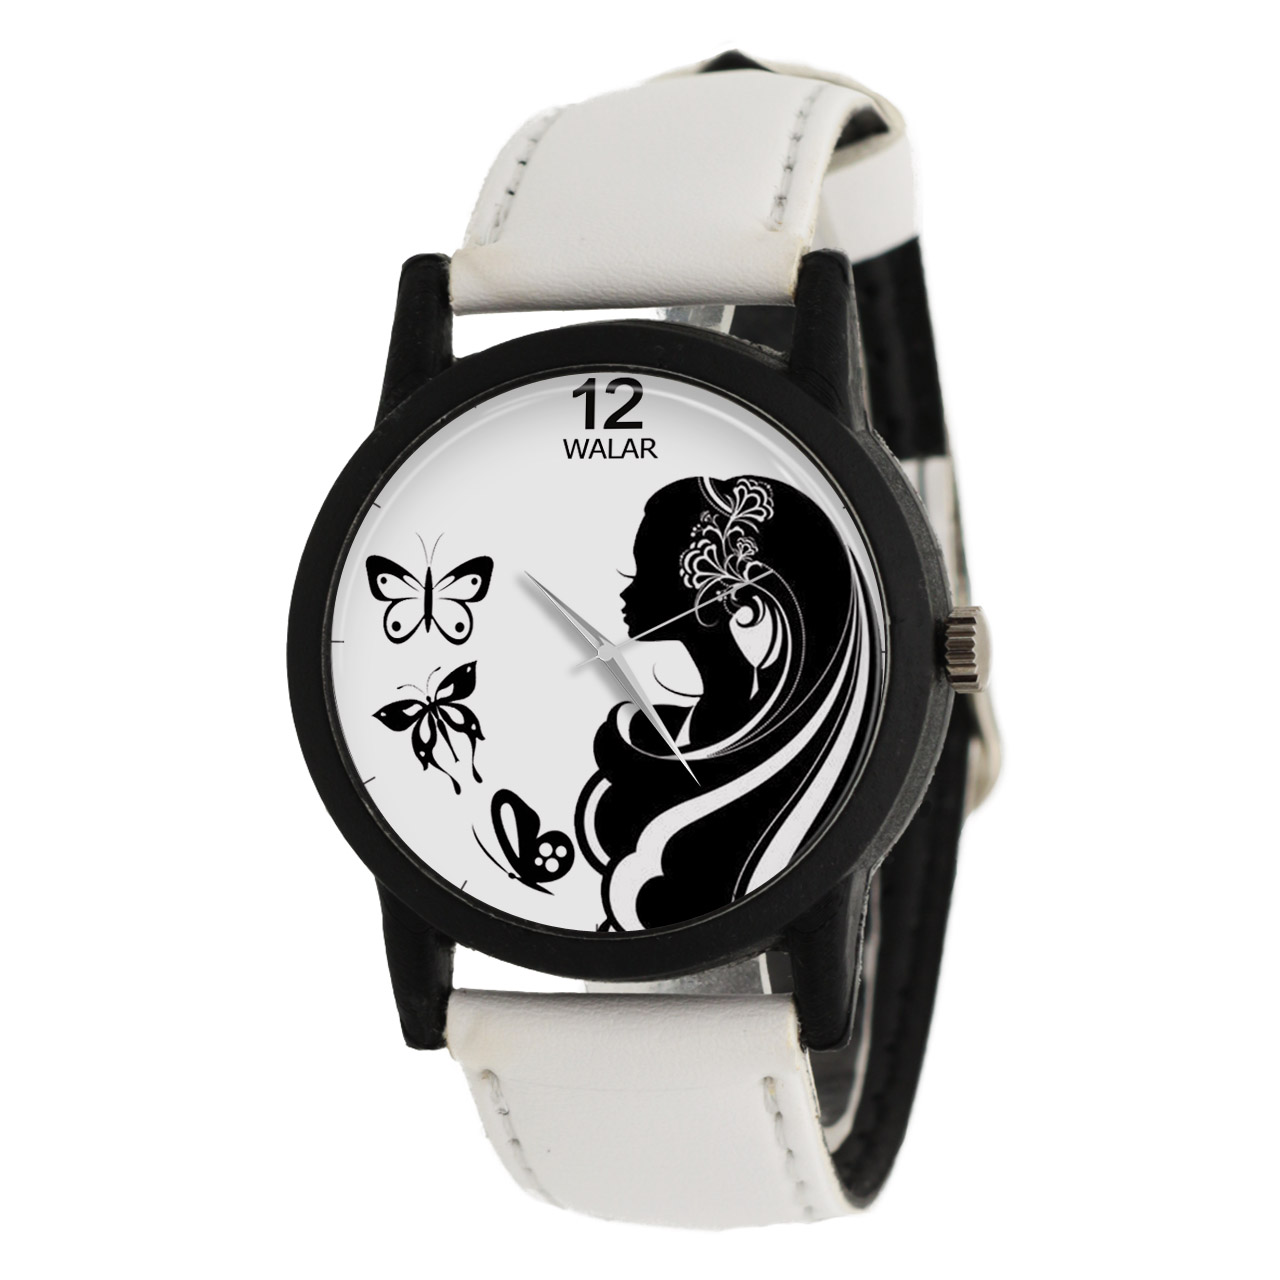 ساعت مچی عقربه ای زنانه والار مدل LF1491 43